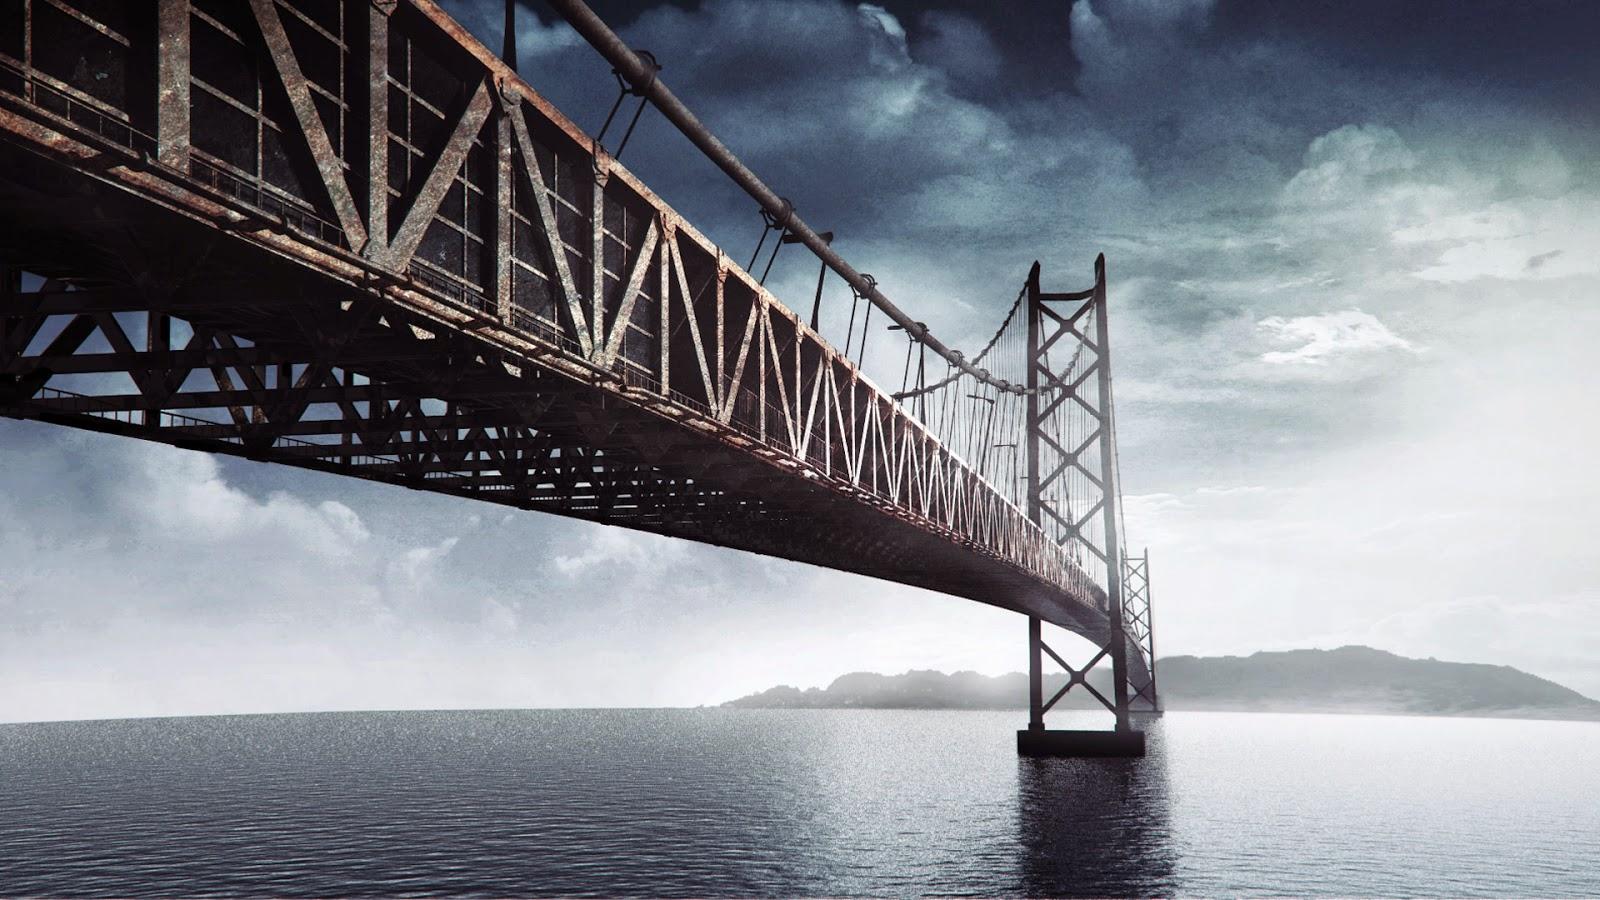 Akashi-Kaikyo Bridge - Picture of Akashi Kaikyo Bridge. - TripAdvisor Akashi kaikyo bridge images